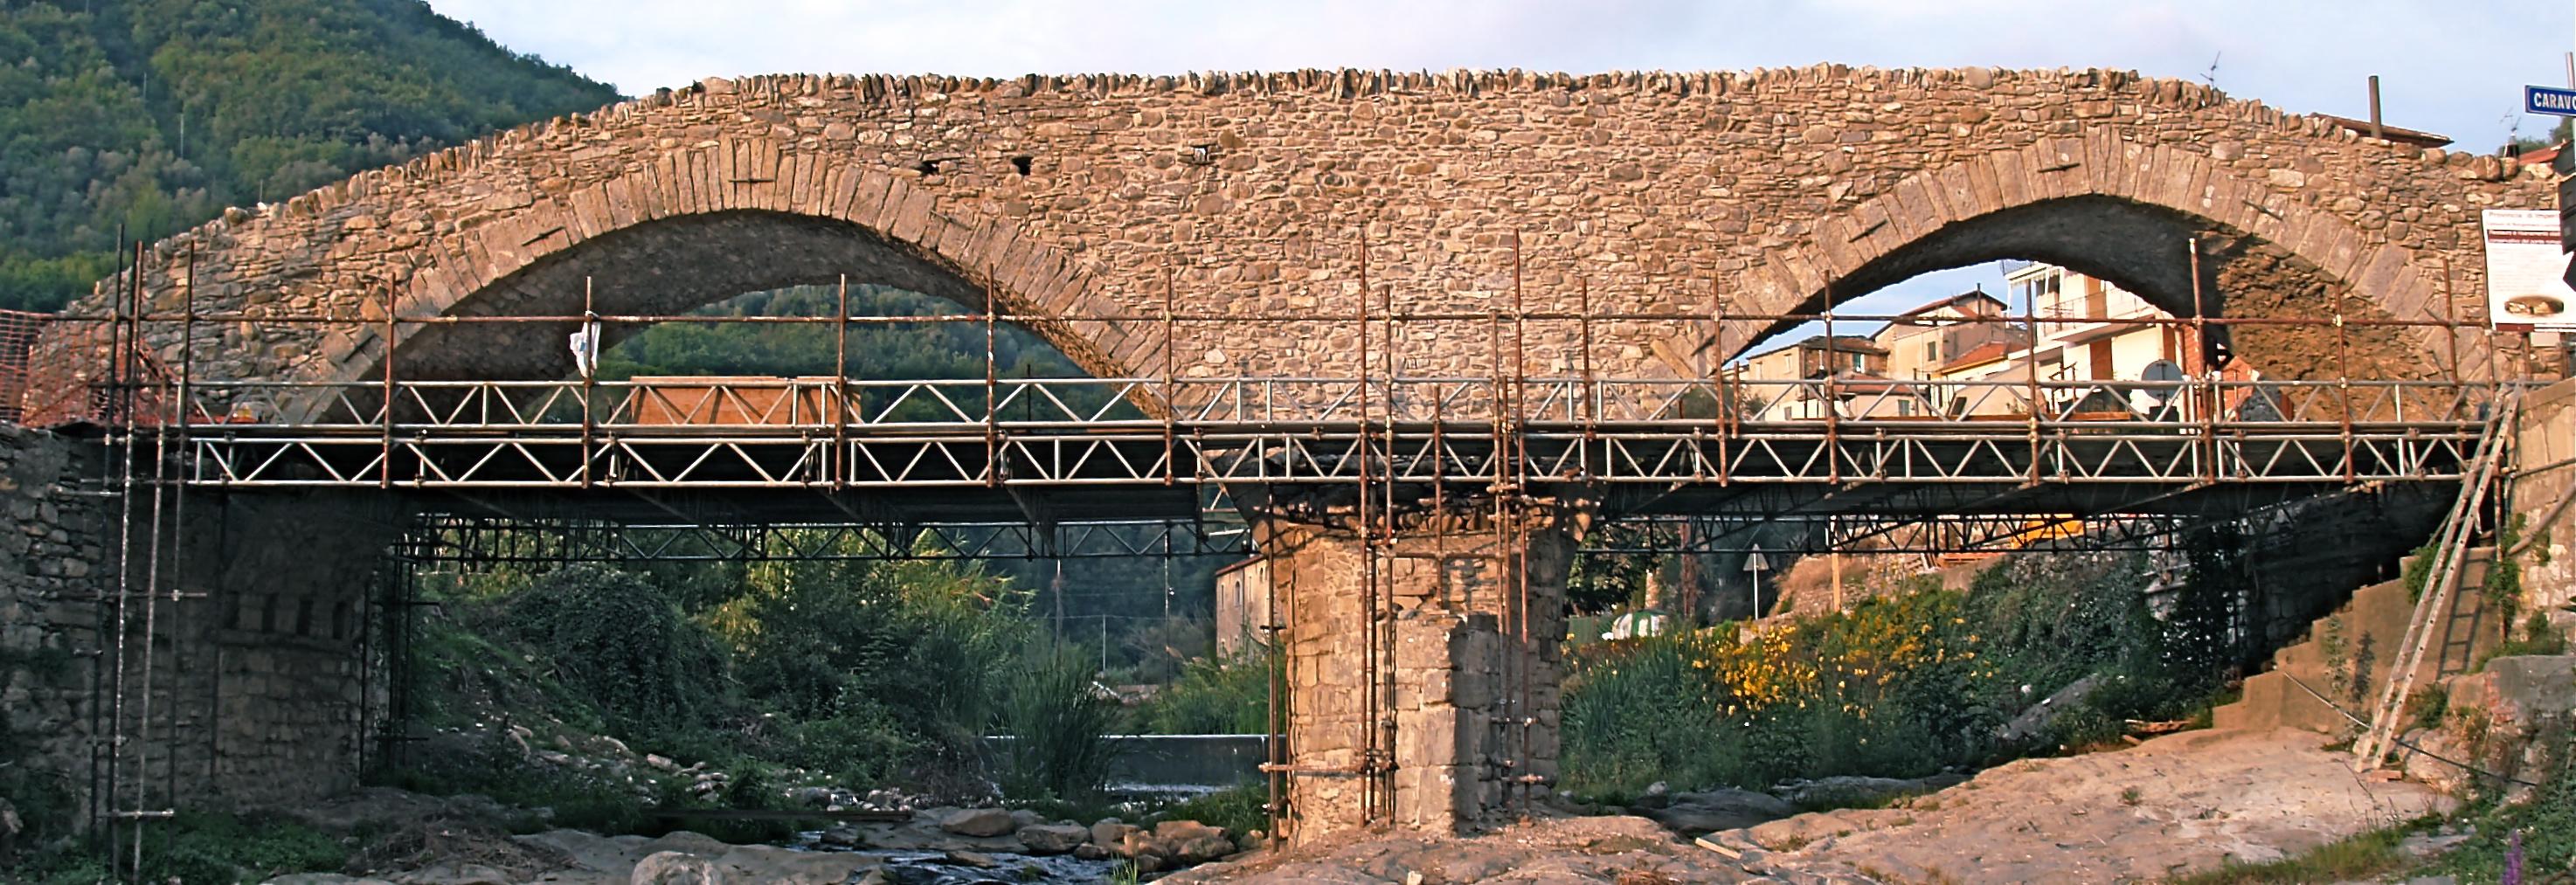 ponte nuova